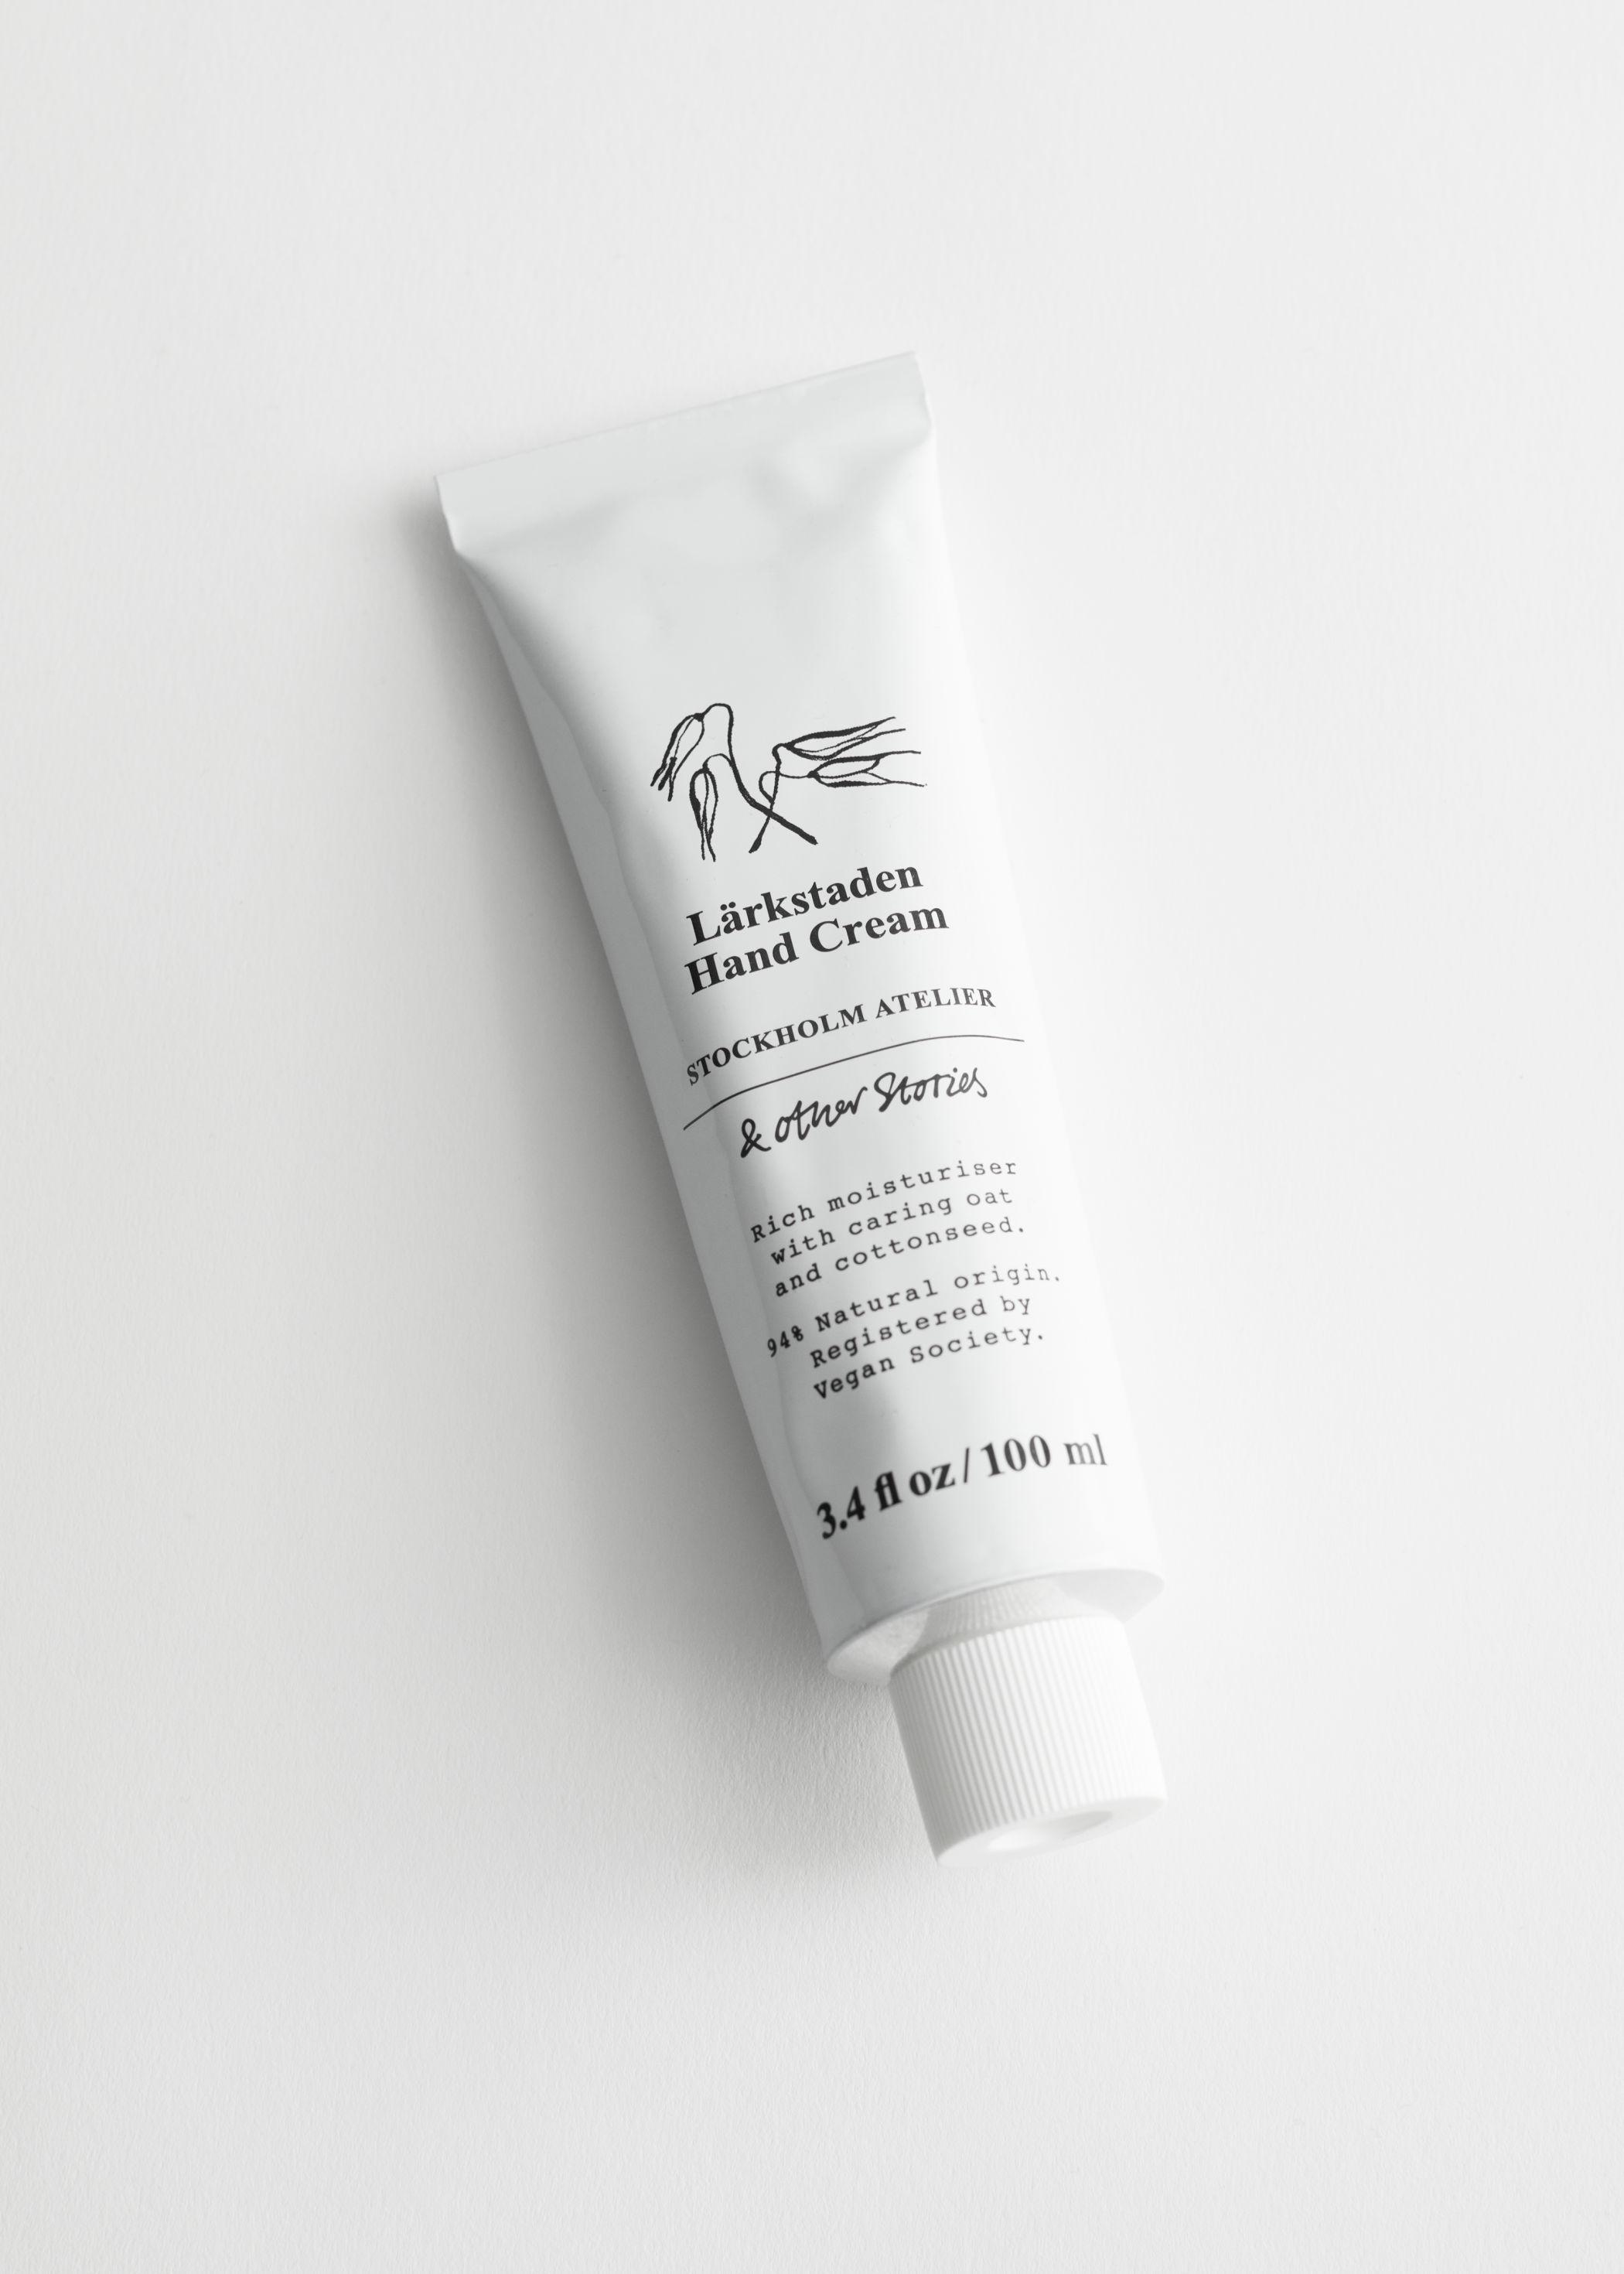 앤 아더 스토리즈 '라크스타덴' 핸드 크림 (신상 비건 바디 케어) & OTHER STORIES Larkstaden Hand Cream